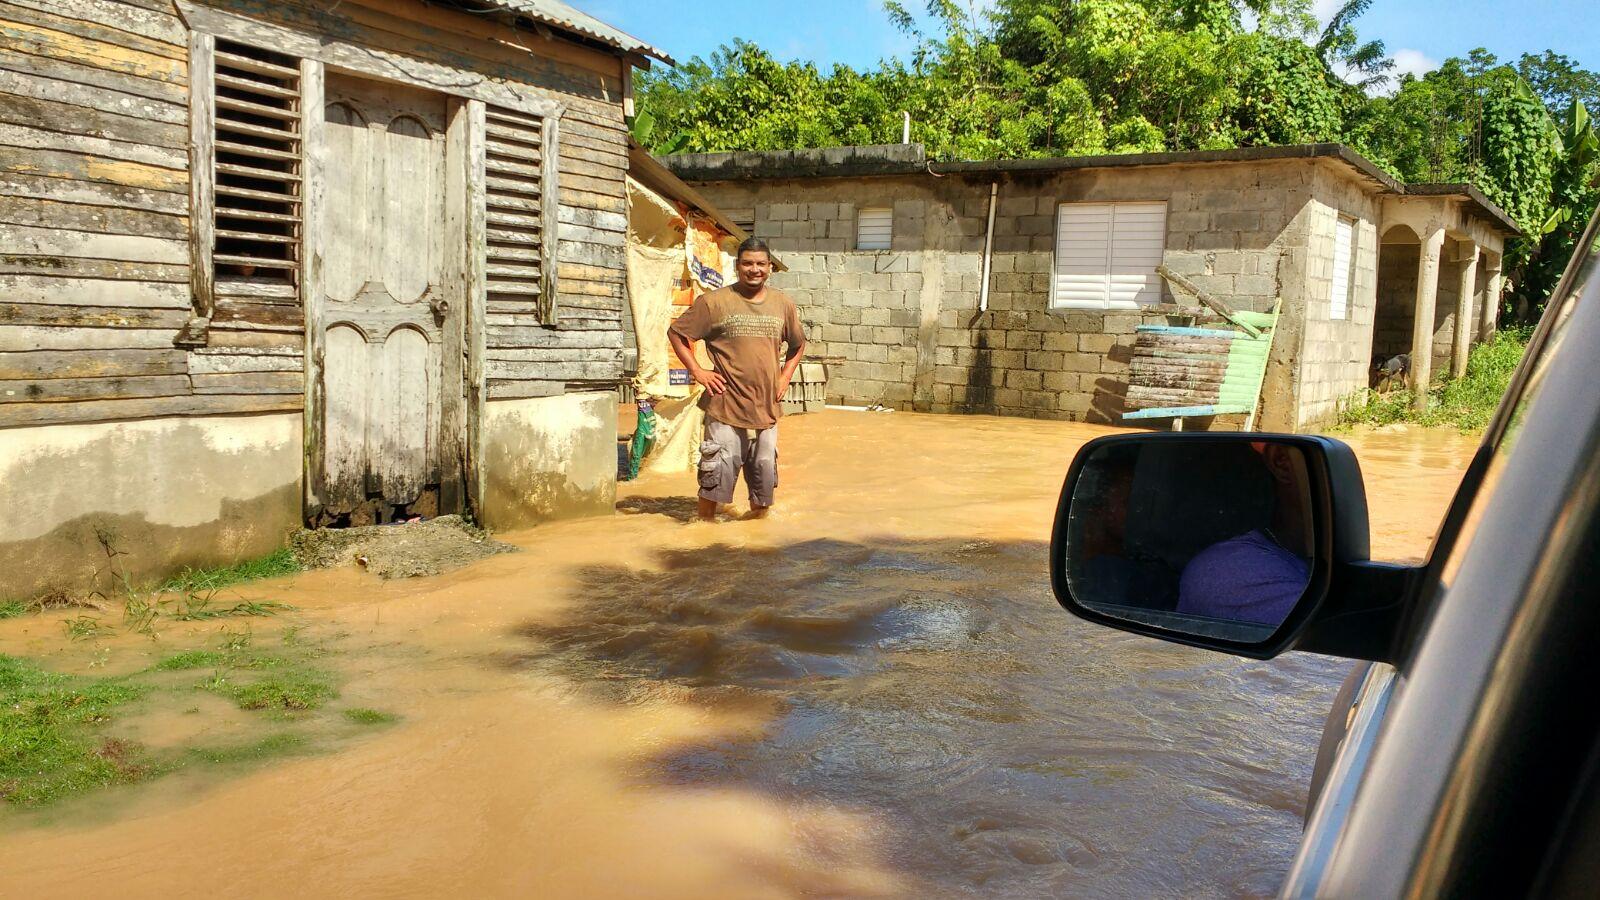 Más de 200 viviendas afectadas y varias comunidades incomunicadas en María Trinidad Sánchez